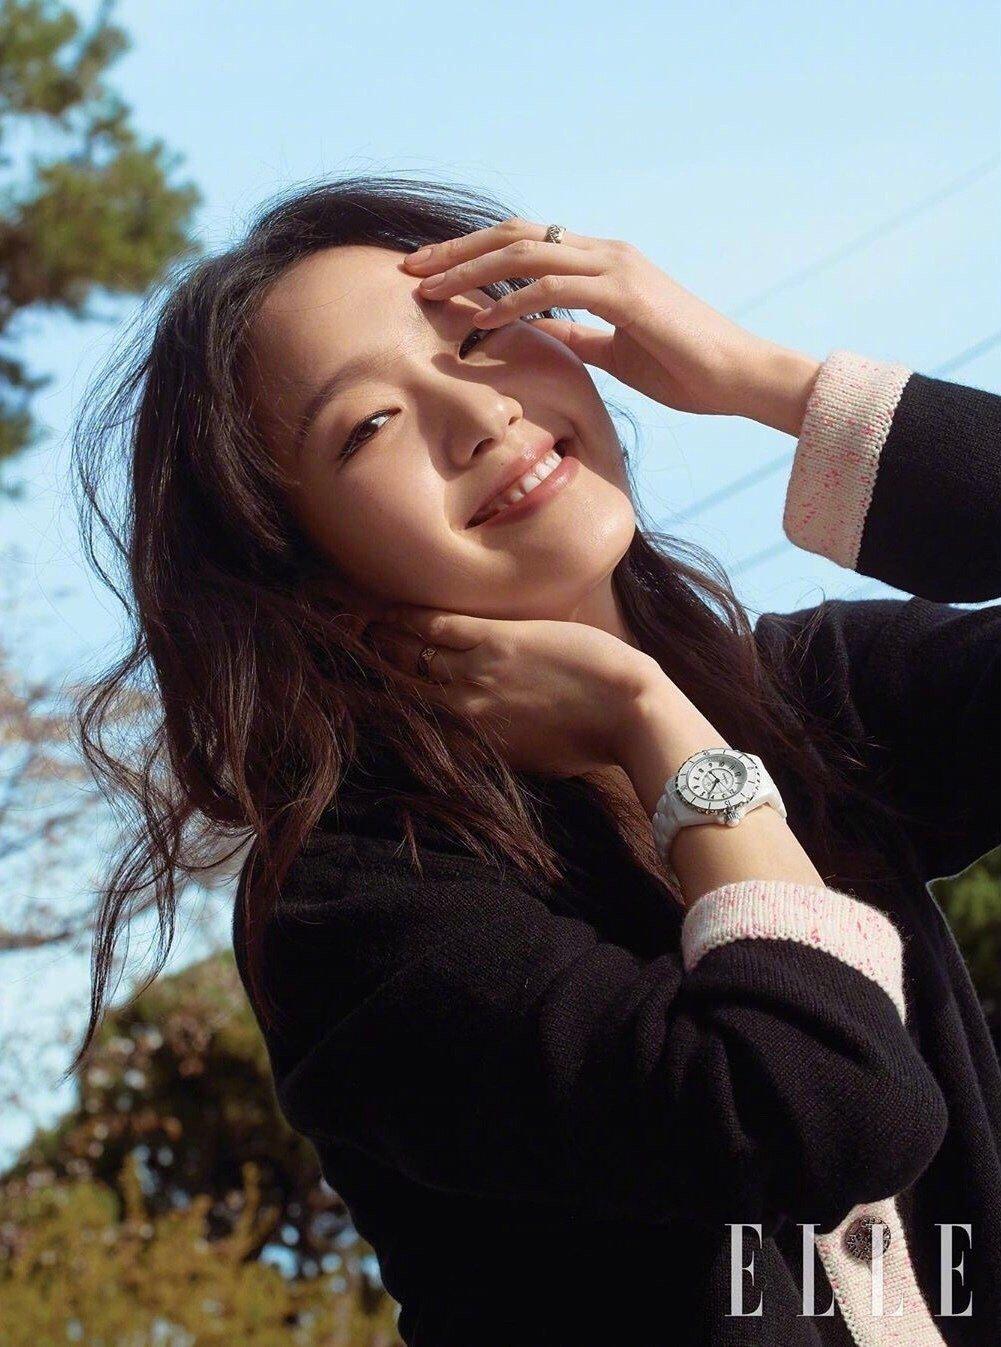 金高银✘ 登上《ELLE Korea》五月刊